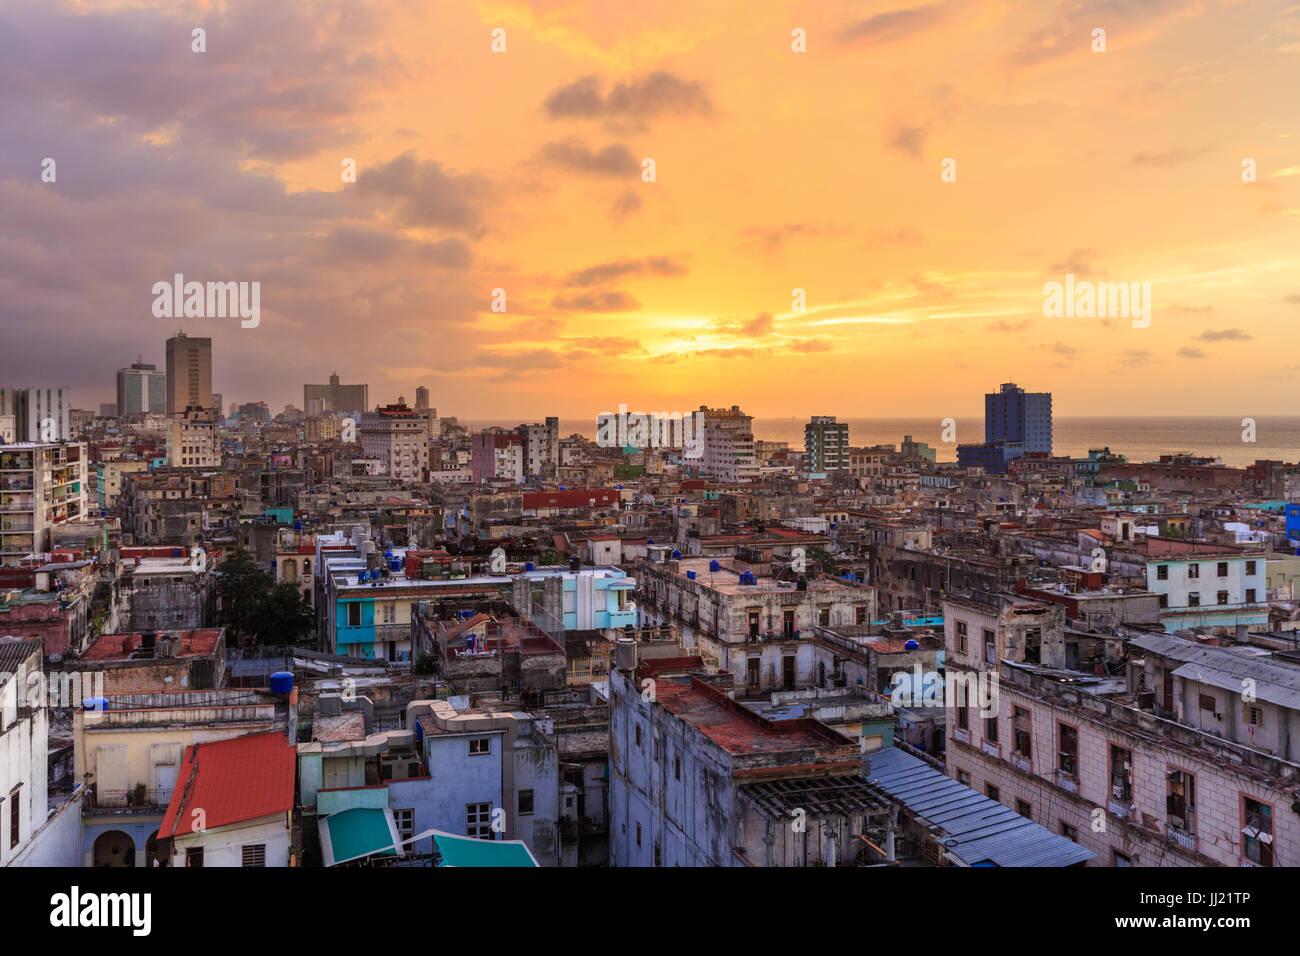 Atardecer en La Habana Vieja, La Habana Vieja desde arriba, el Historic Old Town Ver en la azotea, La Habana, Cuba Imagen De Stock